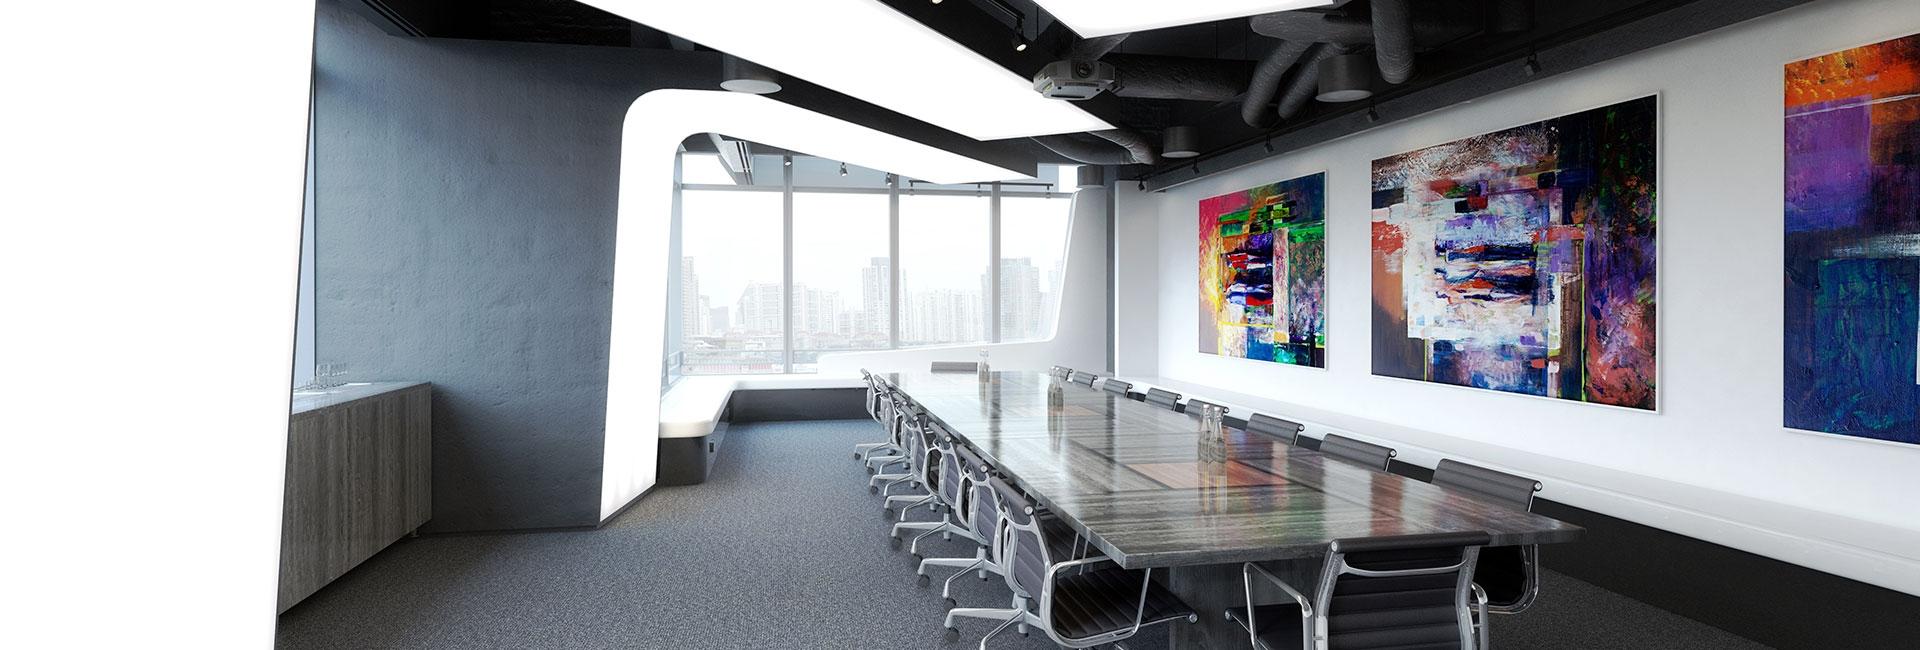 Oficinas - Interiorismo, Diseño, Construcción y Decoración